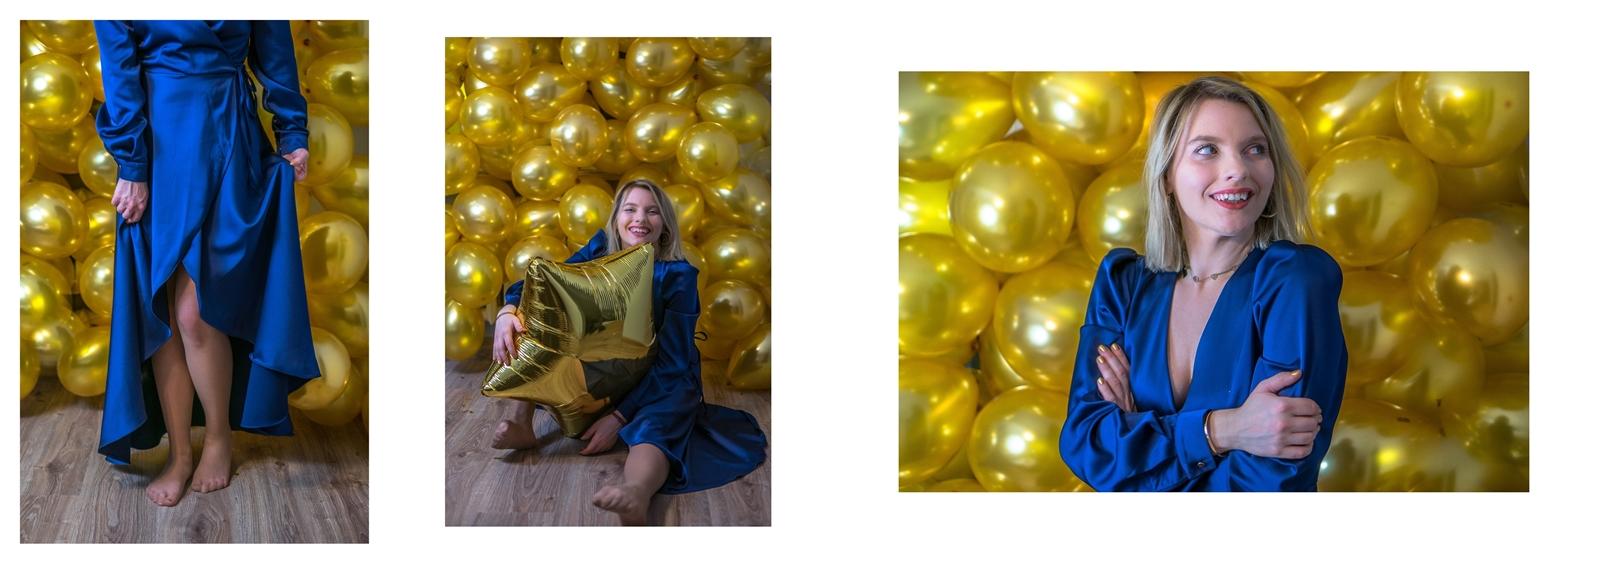 3a sukienki sylwestrowe z dekoltem maxi do kolan granatowa suknia balowa błyszcząca kremowa suknia na wesele sylwestra bal studniówkowy dekoracje na sylwestra jak zrobić czapeczki sylwestrowe balony